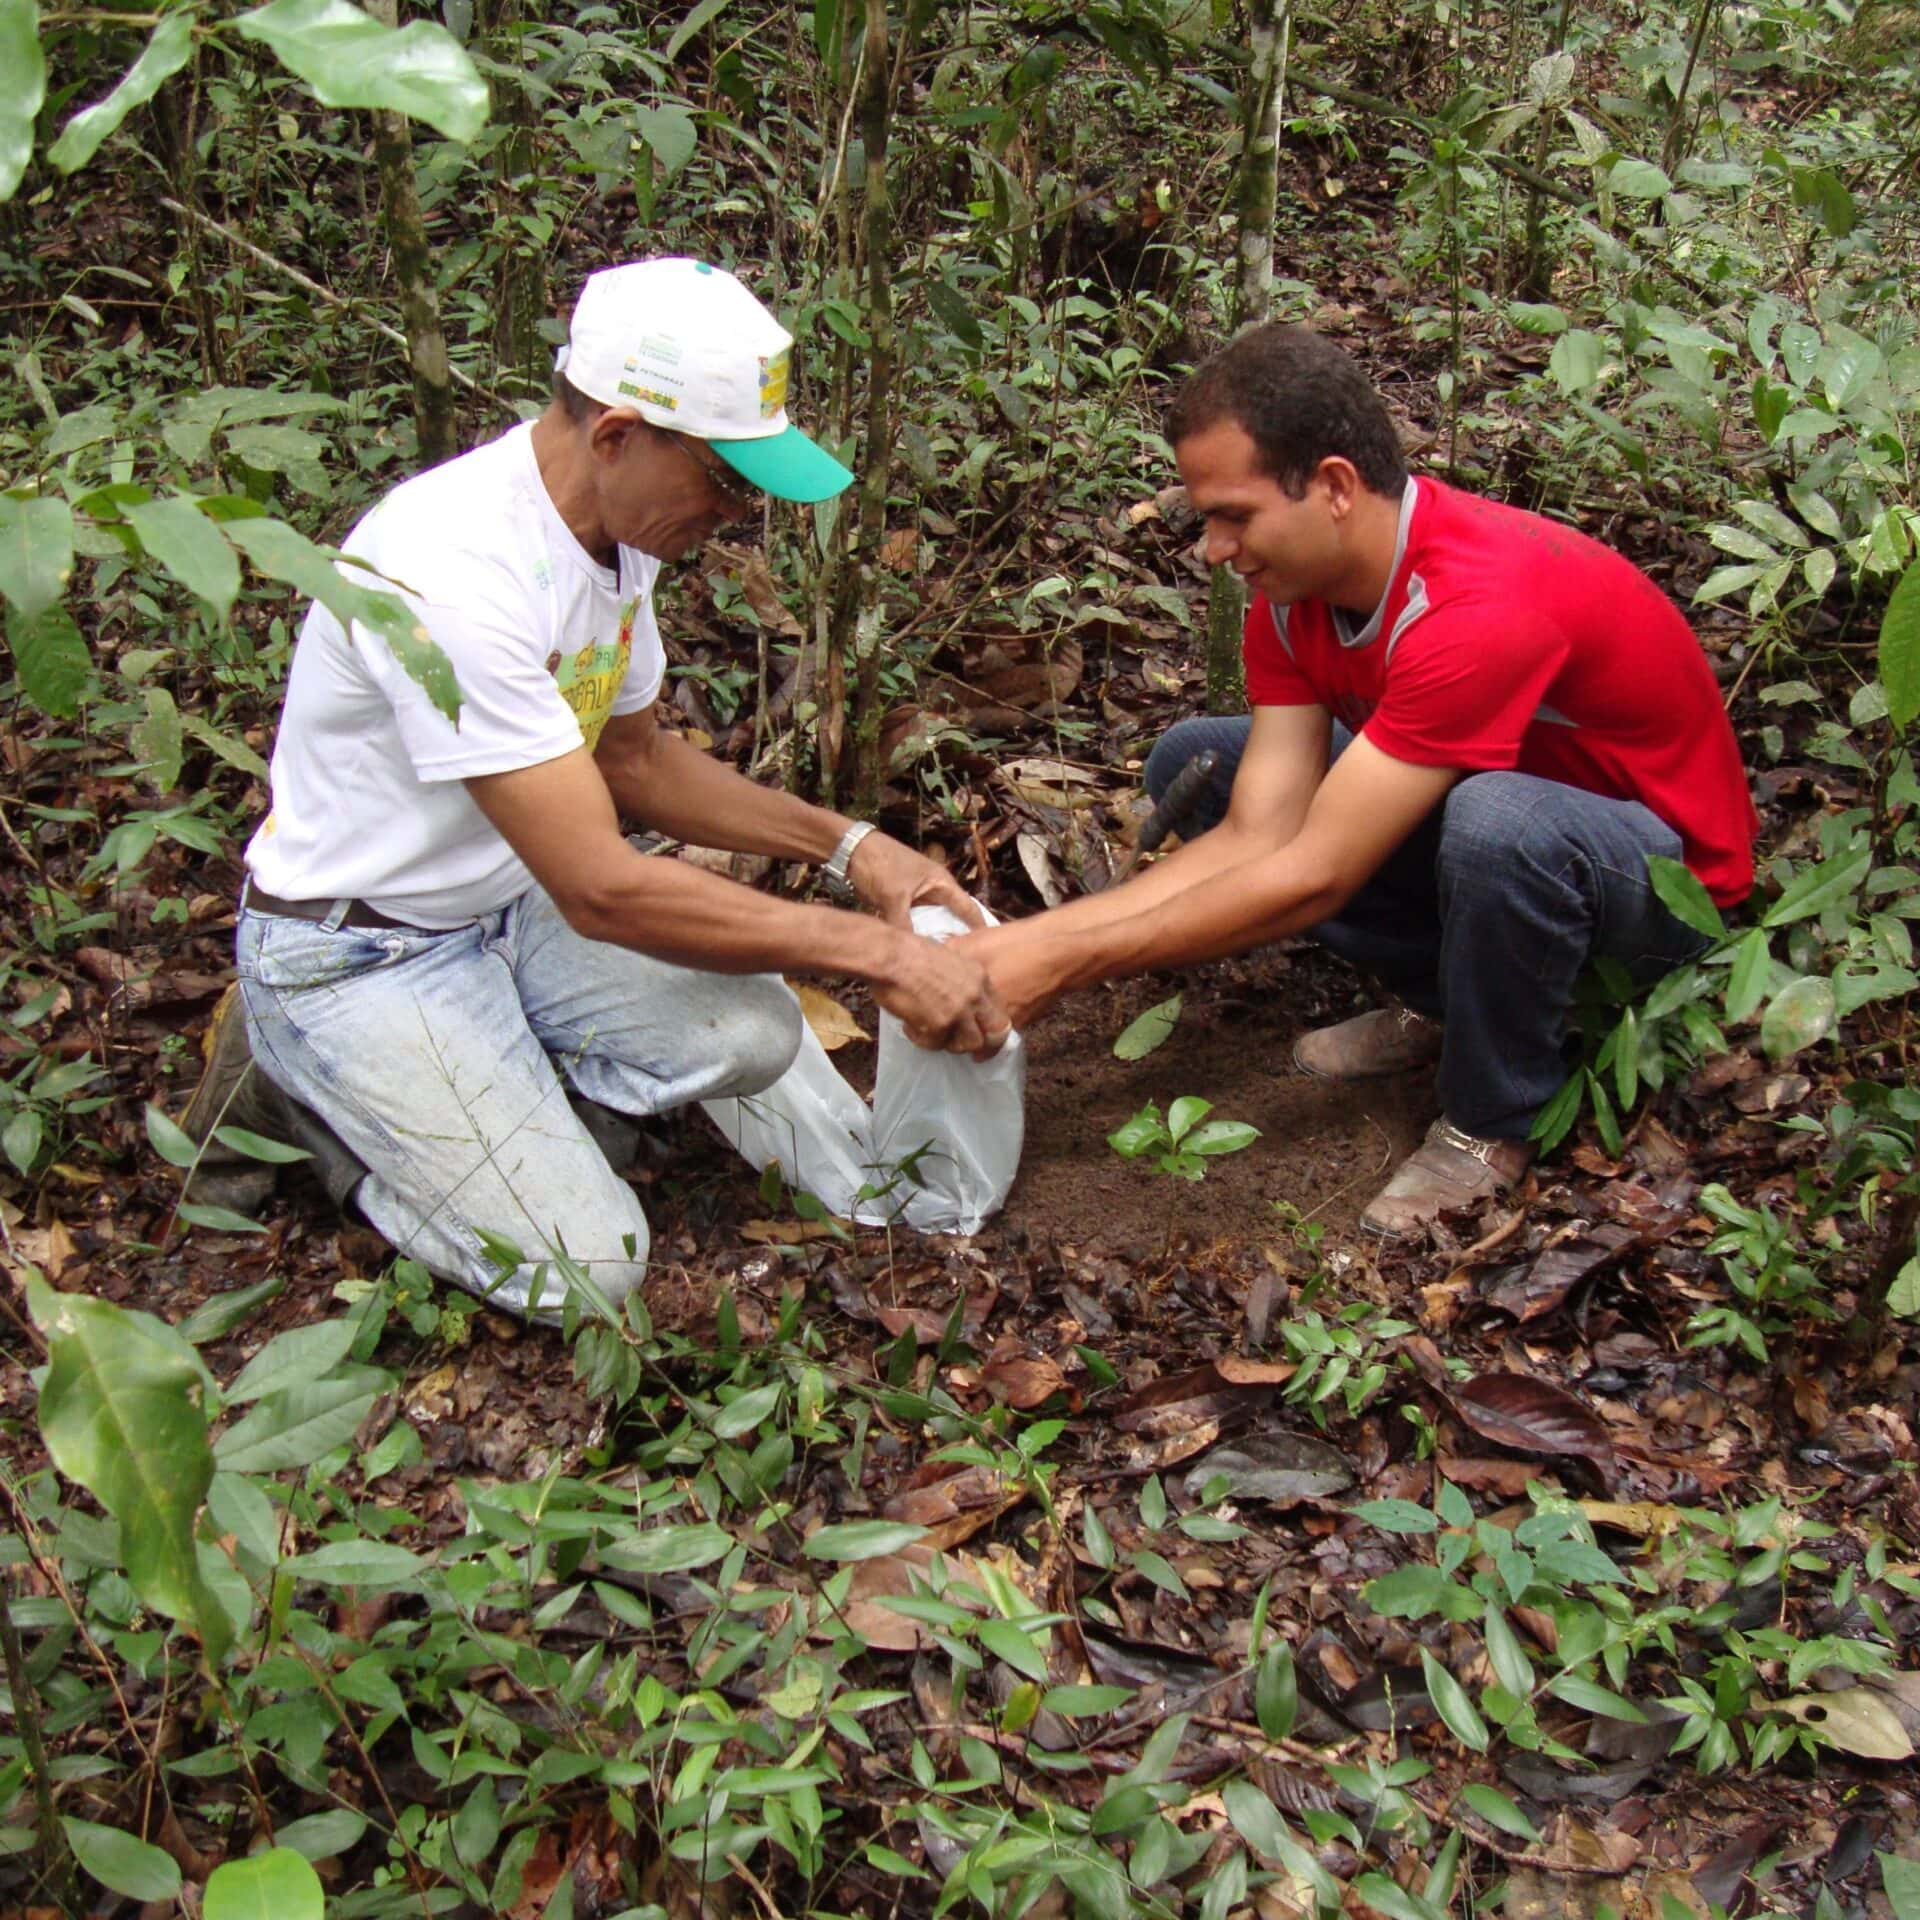 Ein Mann und ein Jugendlicher knien auf dem Boden und füllen Erde in einen Plastiksack.